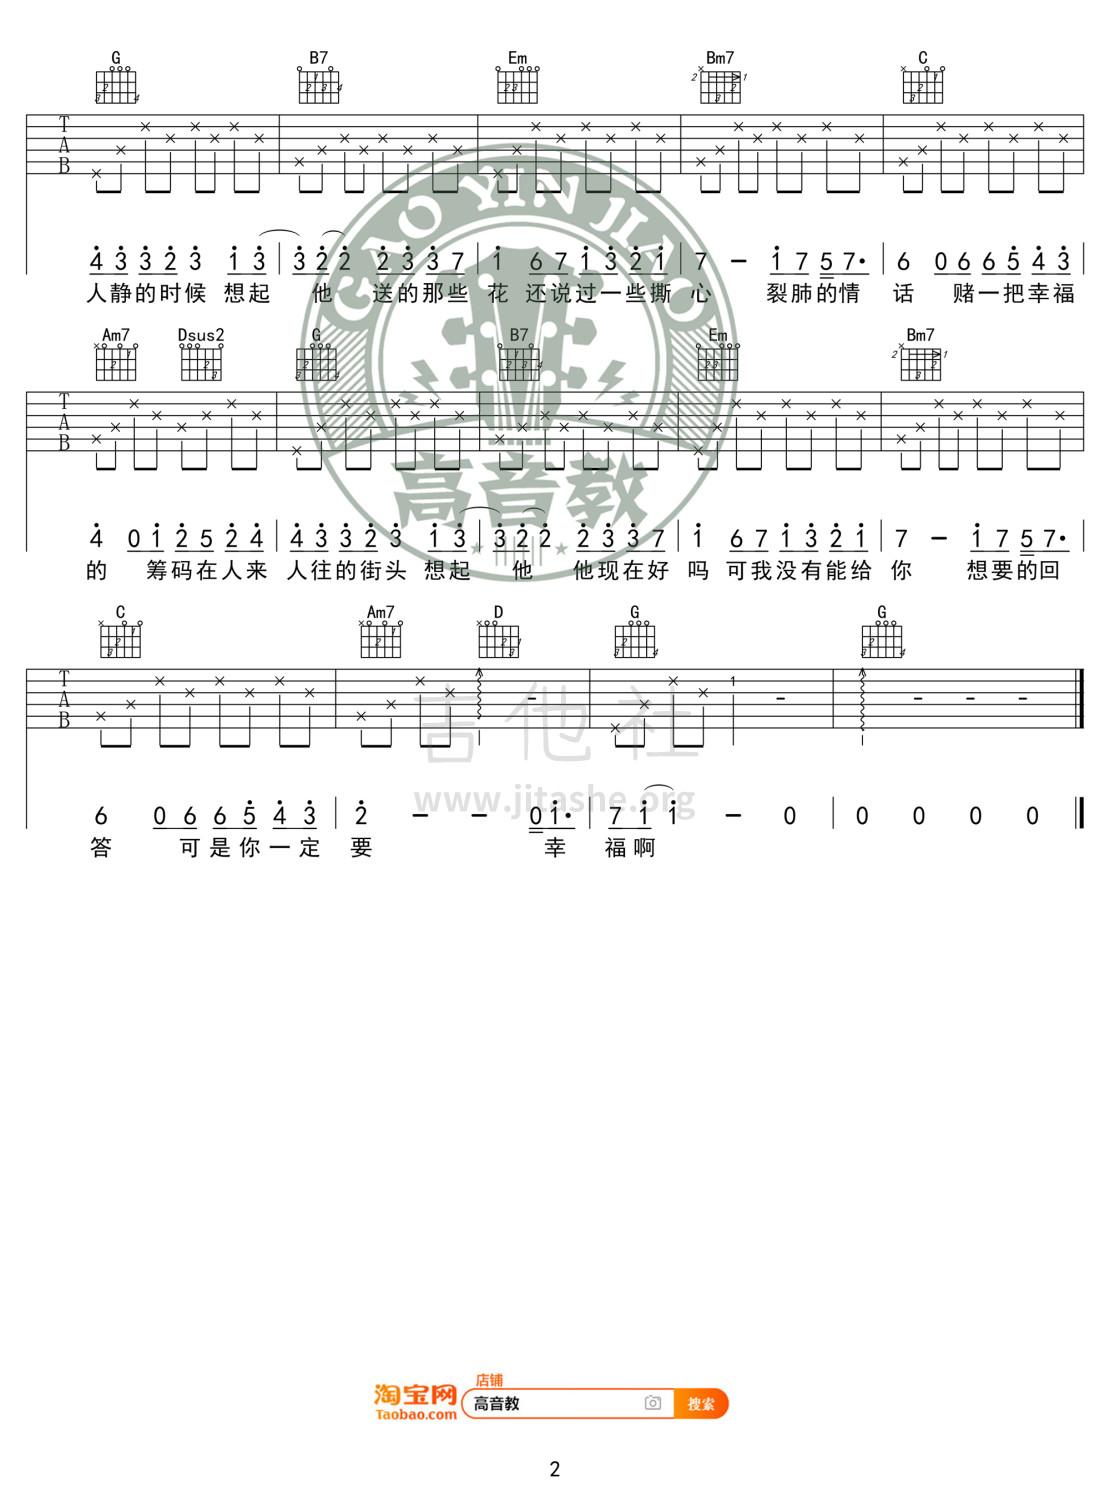 你一定要幸福吉他谱(图片谱,弹唱,G调,精华版)_虎二_《你一定要幸福》G调精华版02_副本.jpg